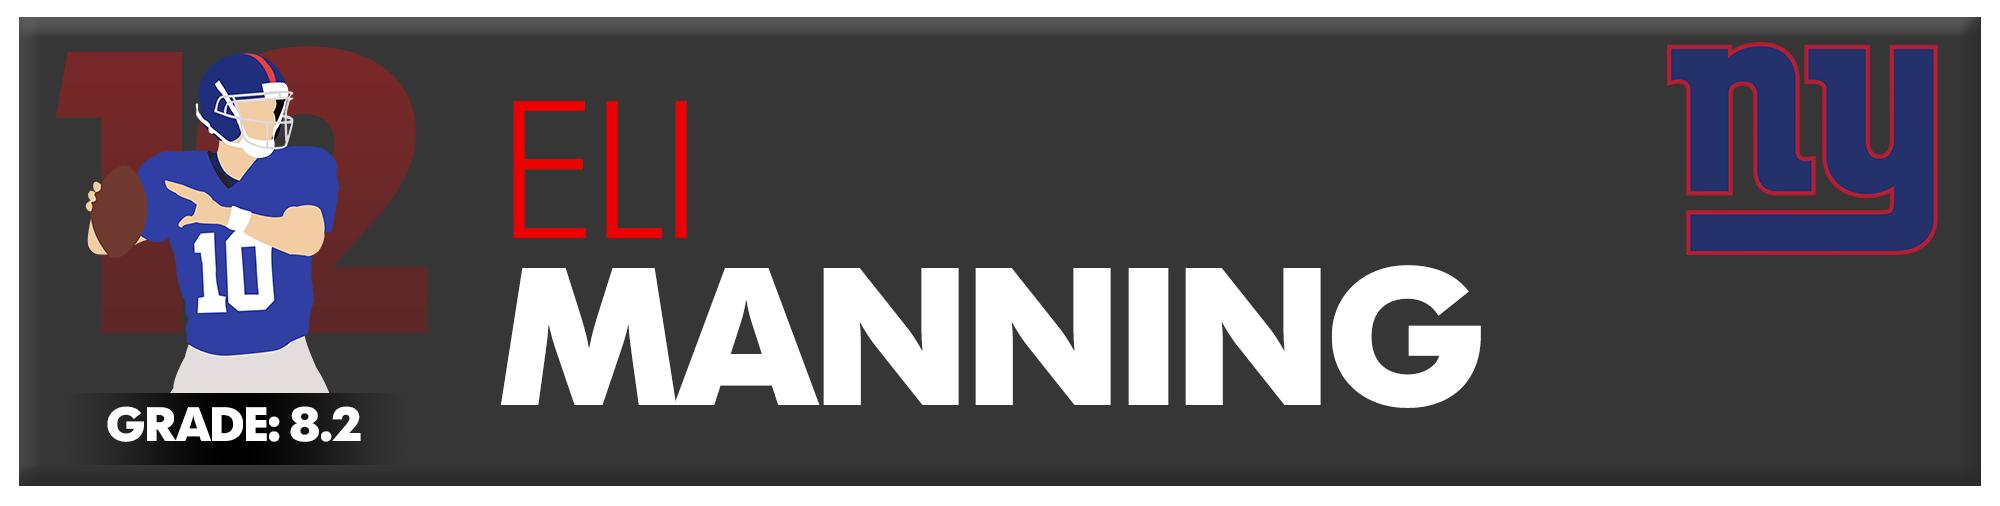 e_manning_tile